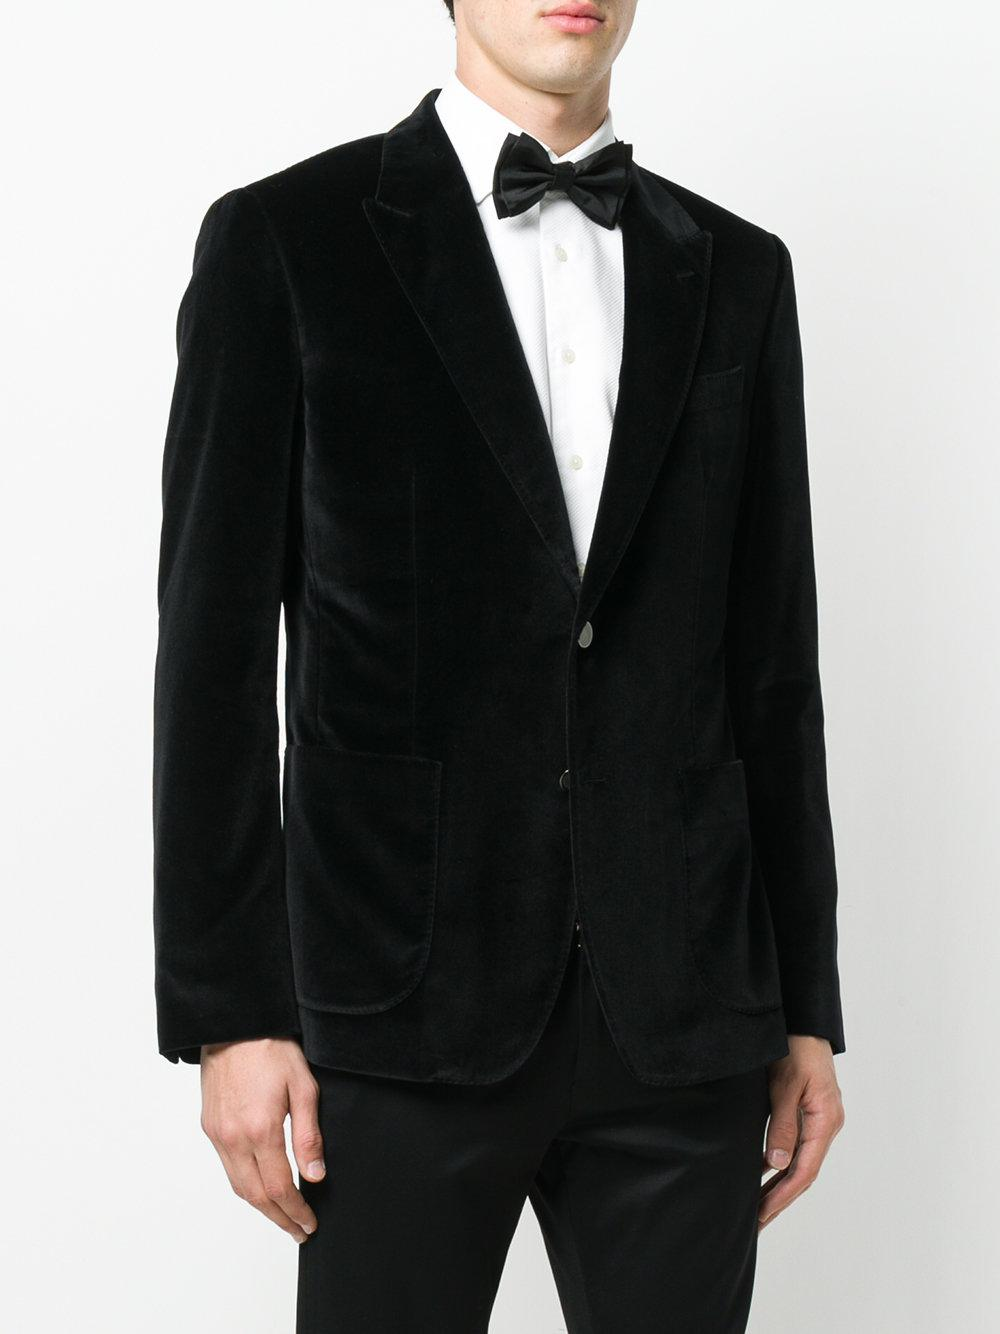 Dolce & Gabbana Velvet Dinner Jacket in Black for Men